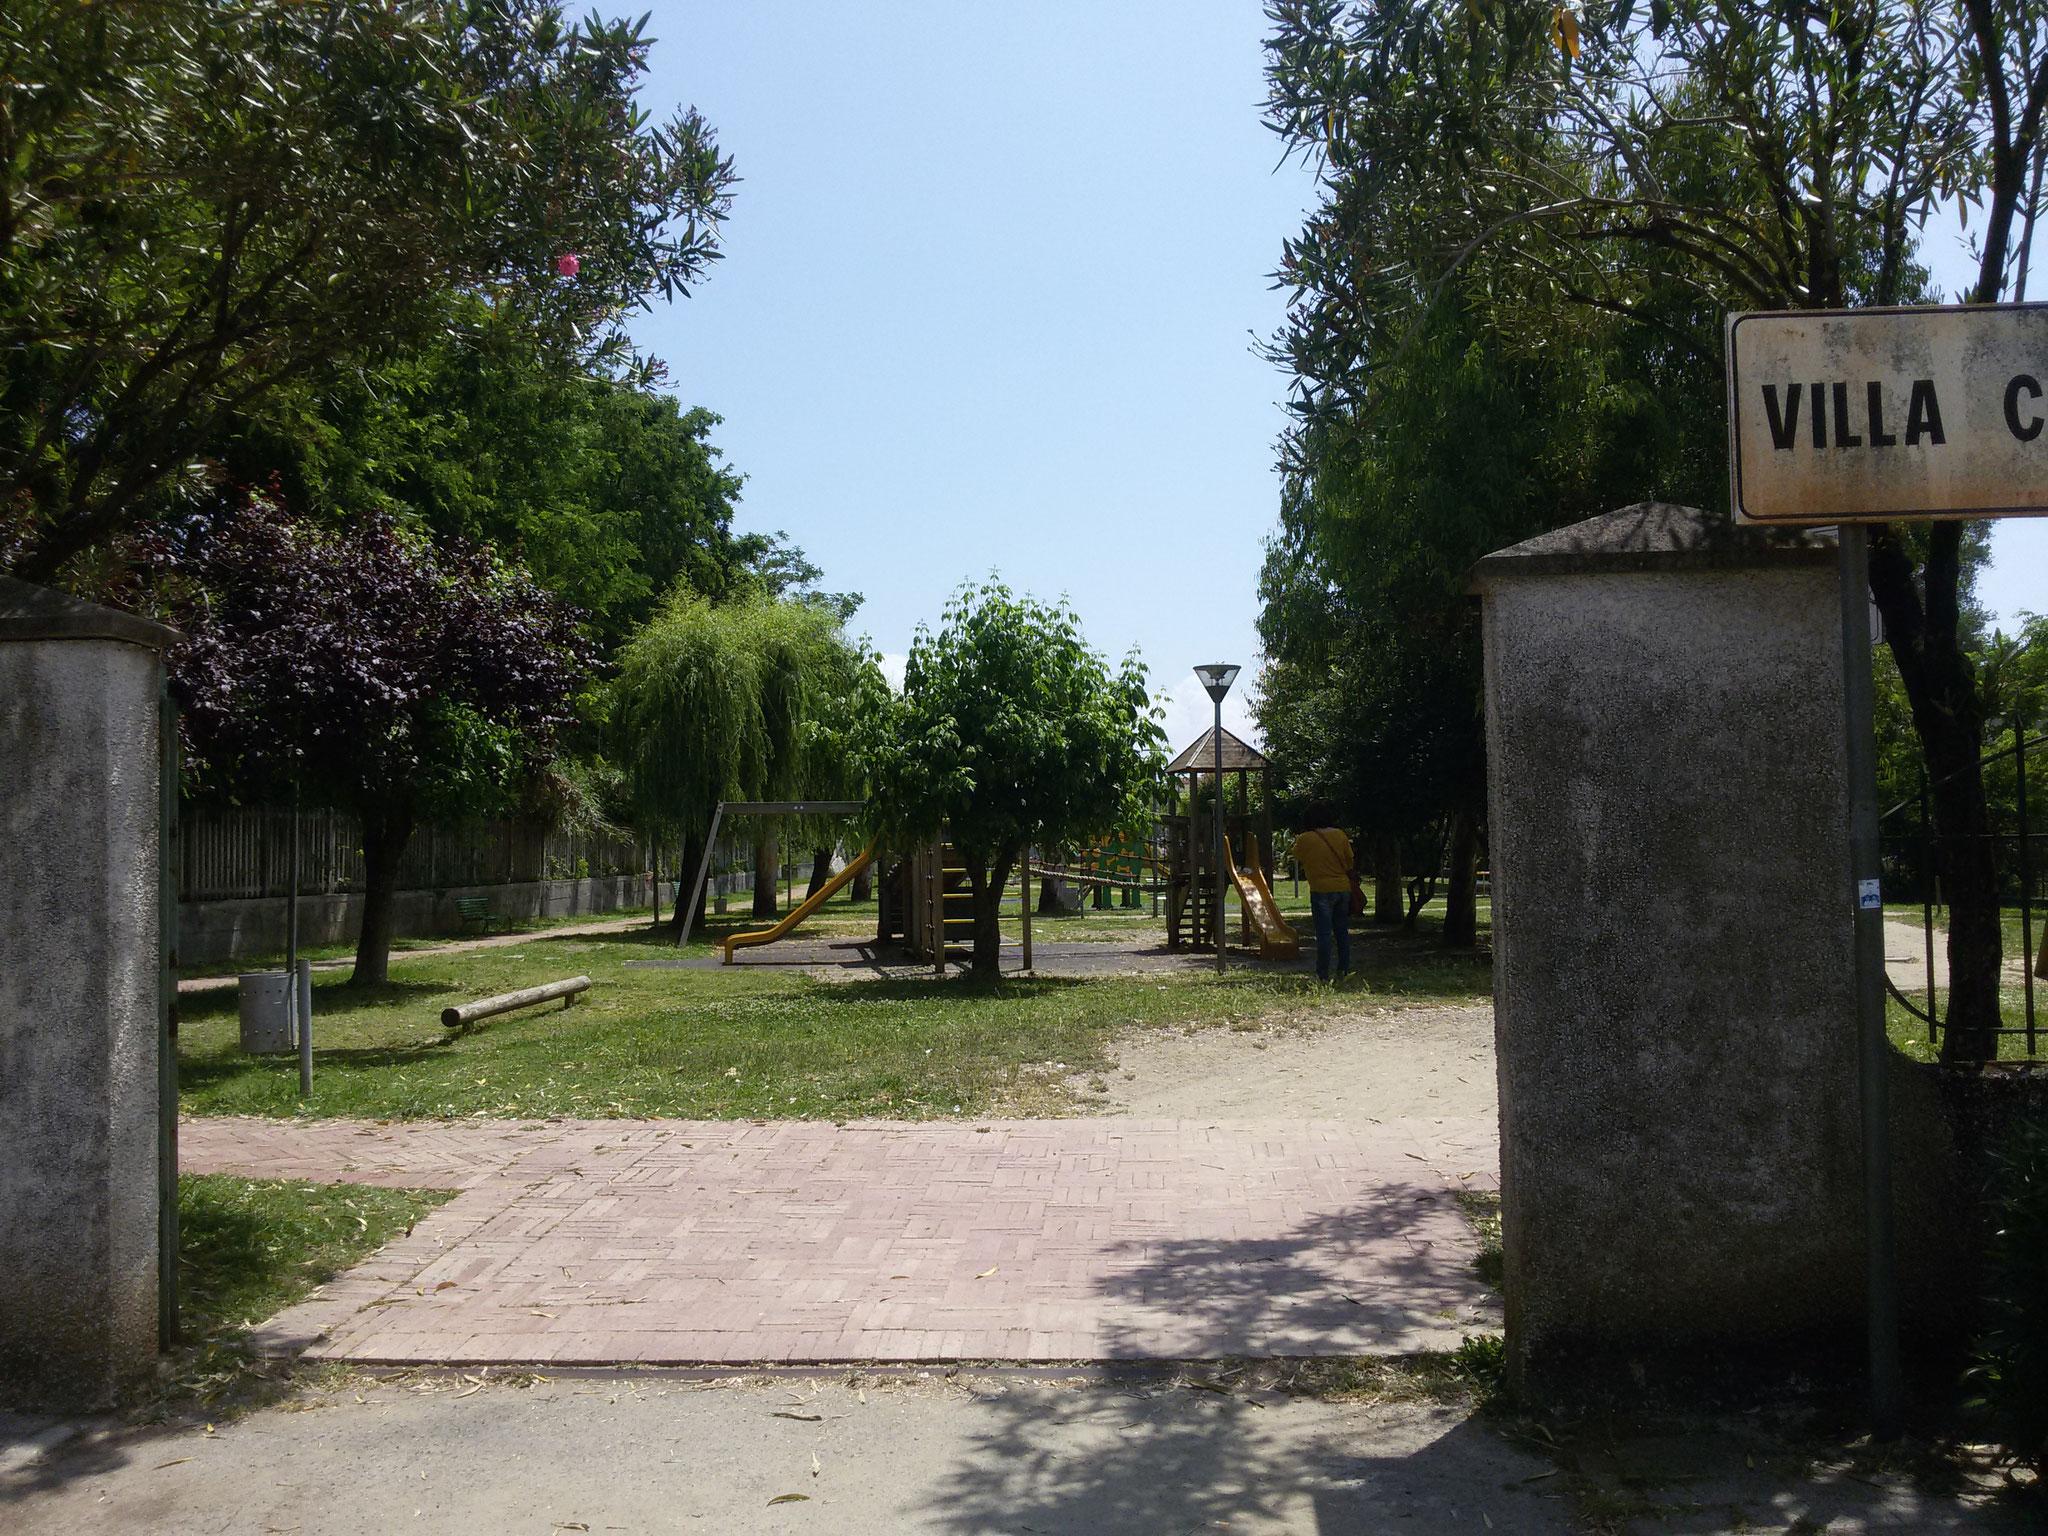 Giardini pubblici a 300 dalla casa